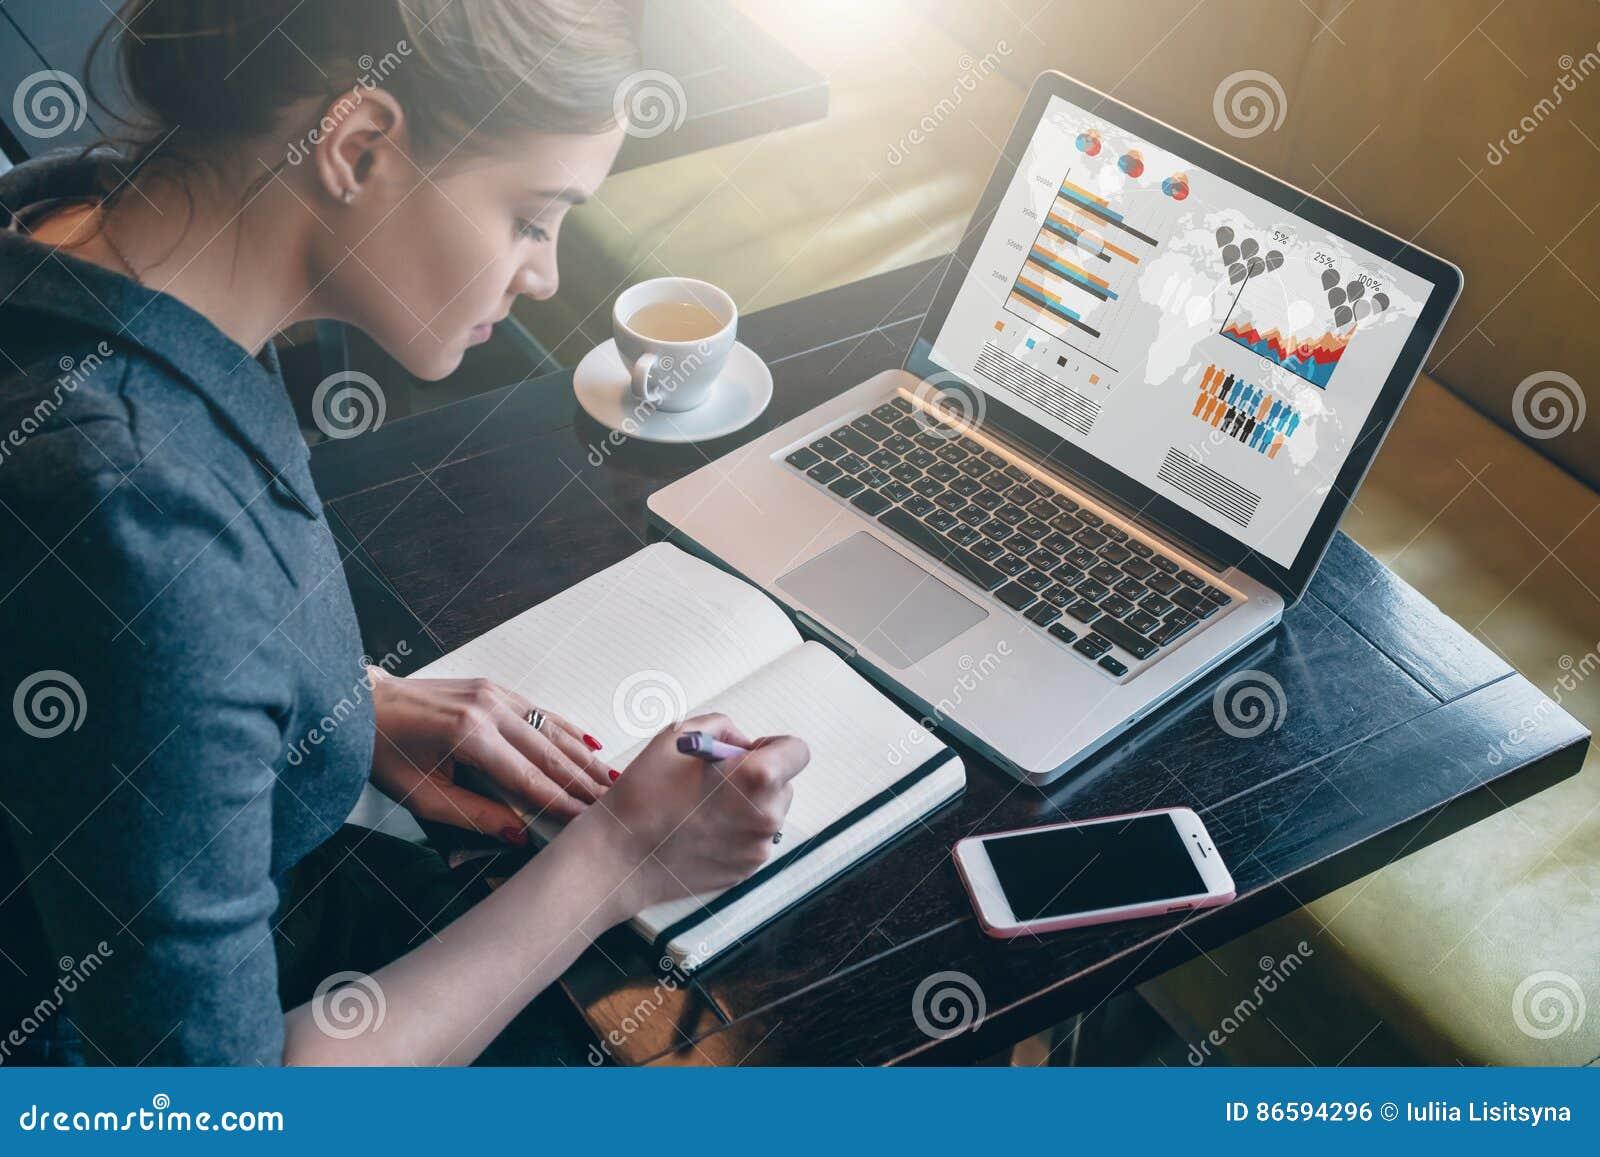 Junge Geschäftsfrau, die bei Tisch sitzt und Kenntnisse im Notizbuch nimmt Auf Computerbildschirmgraphik und -diagrammen